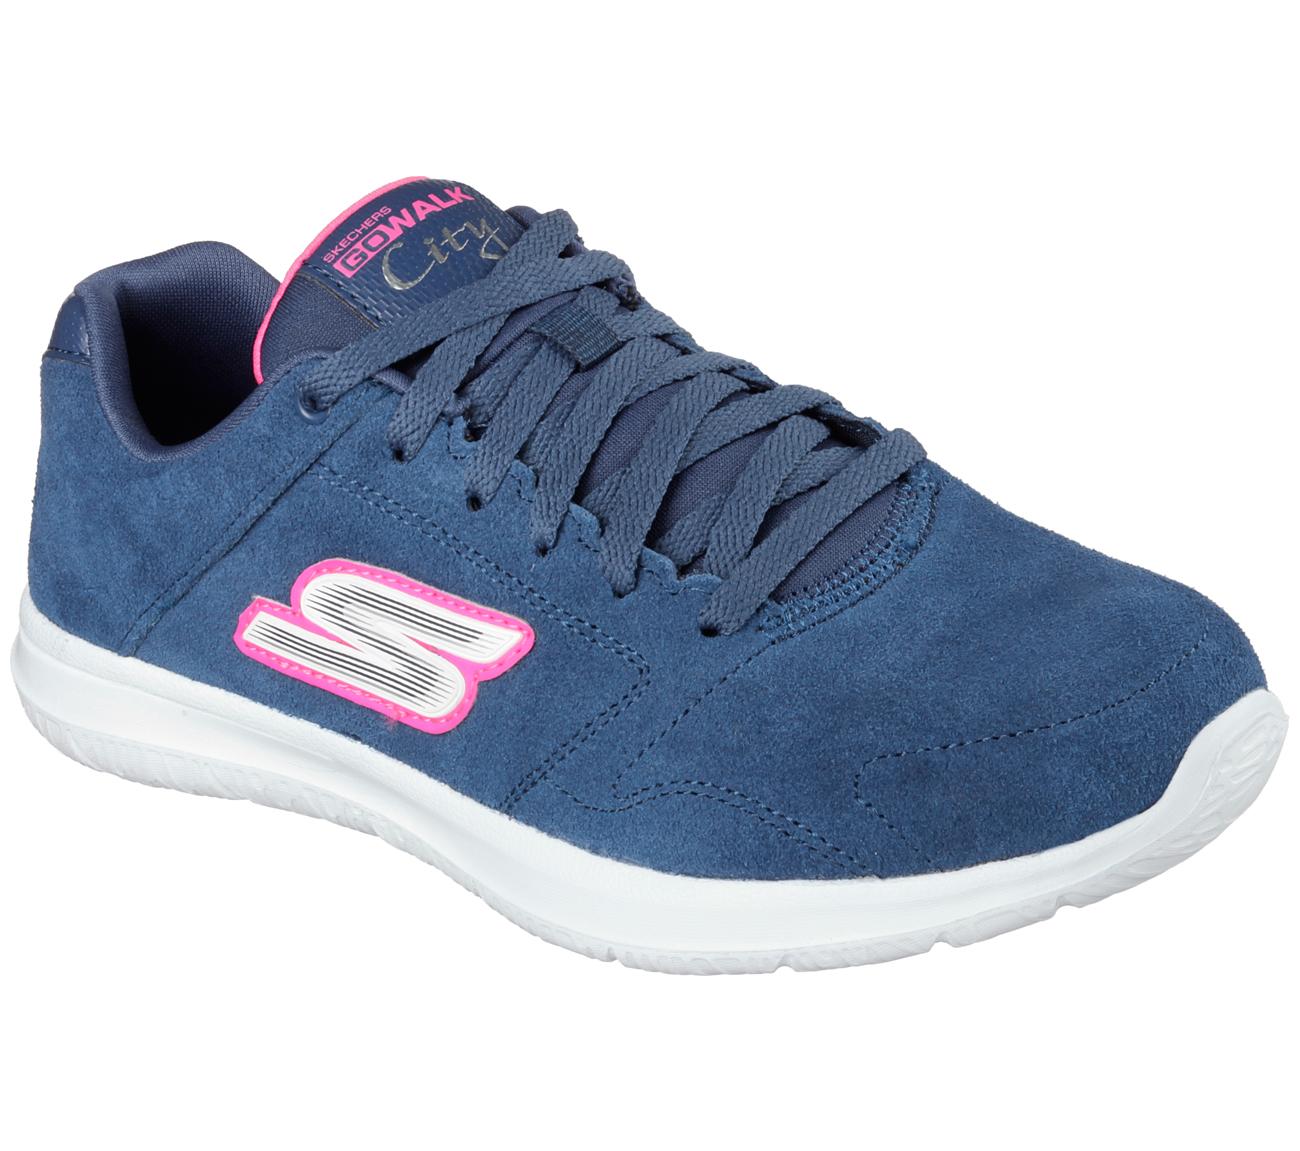 Skechers Go Walk City